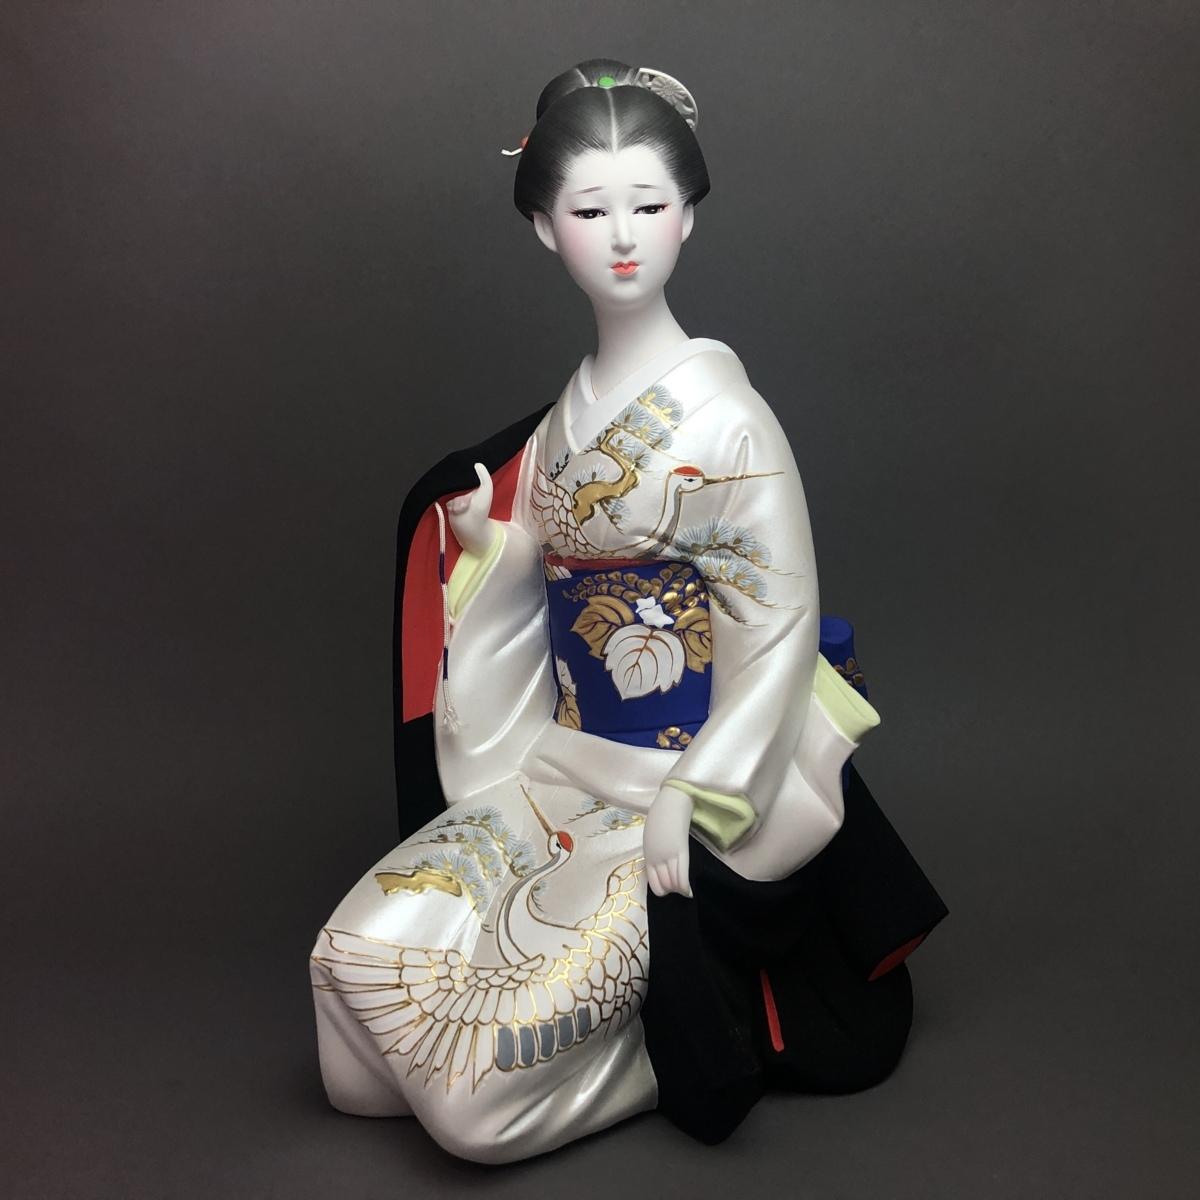 日本有哪些值得收藏的工艺品?-购够网